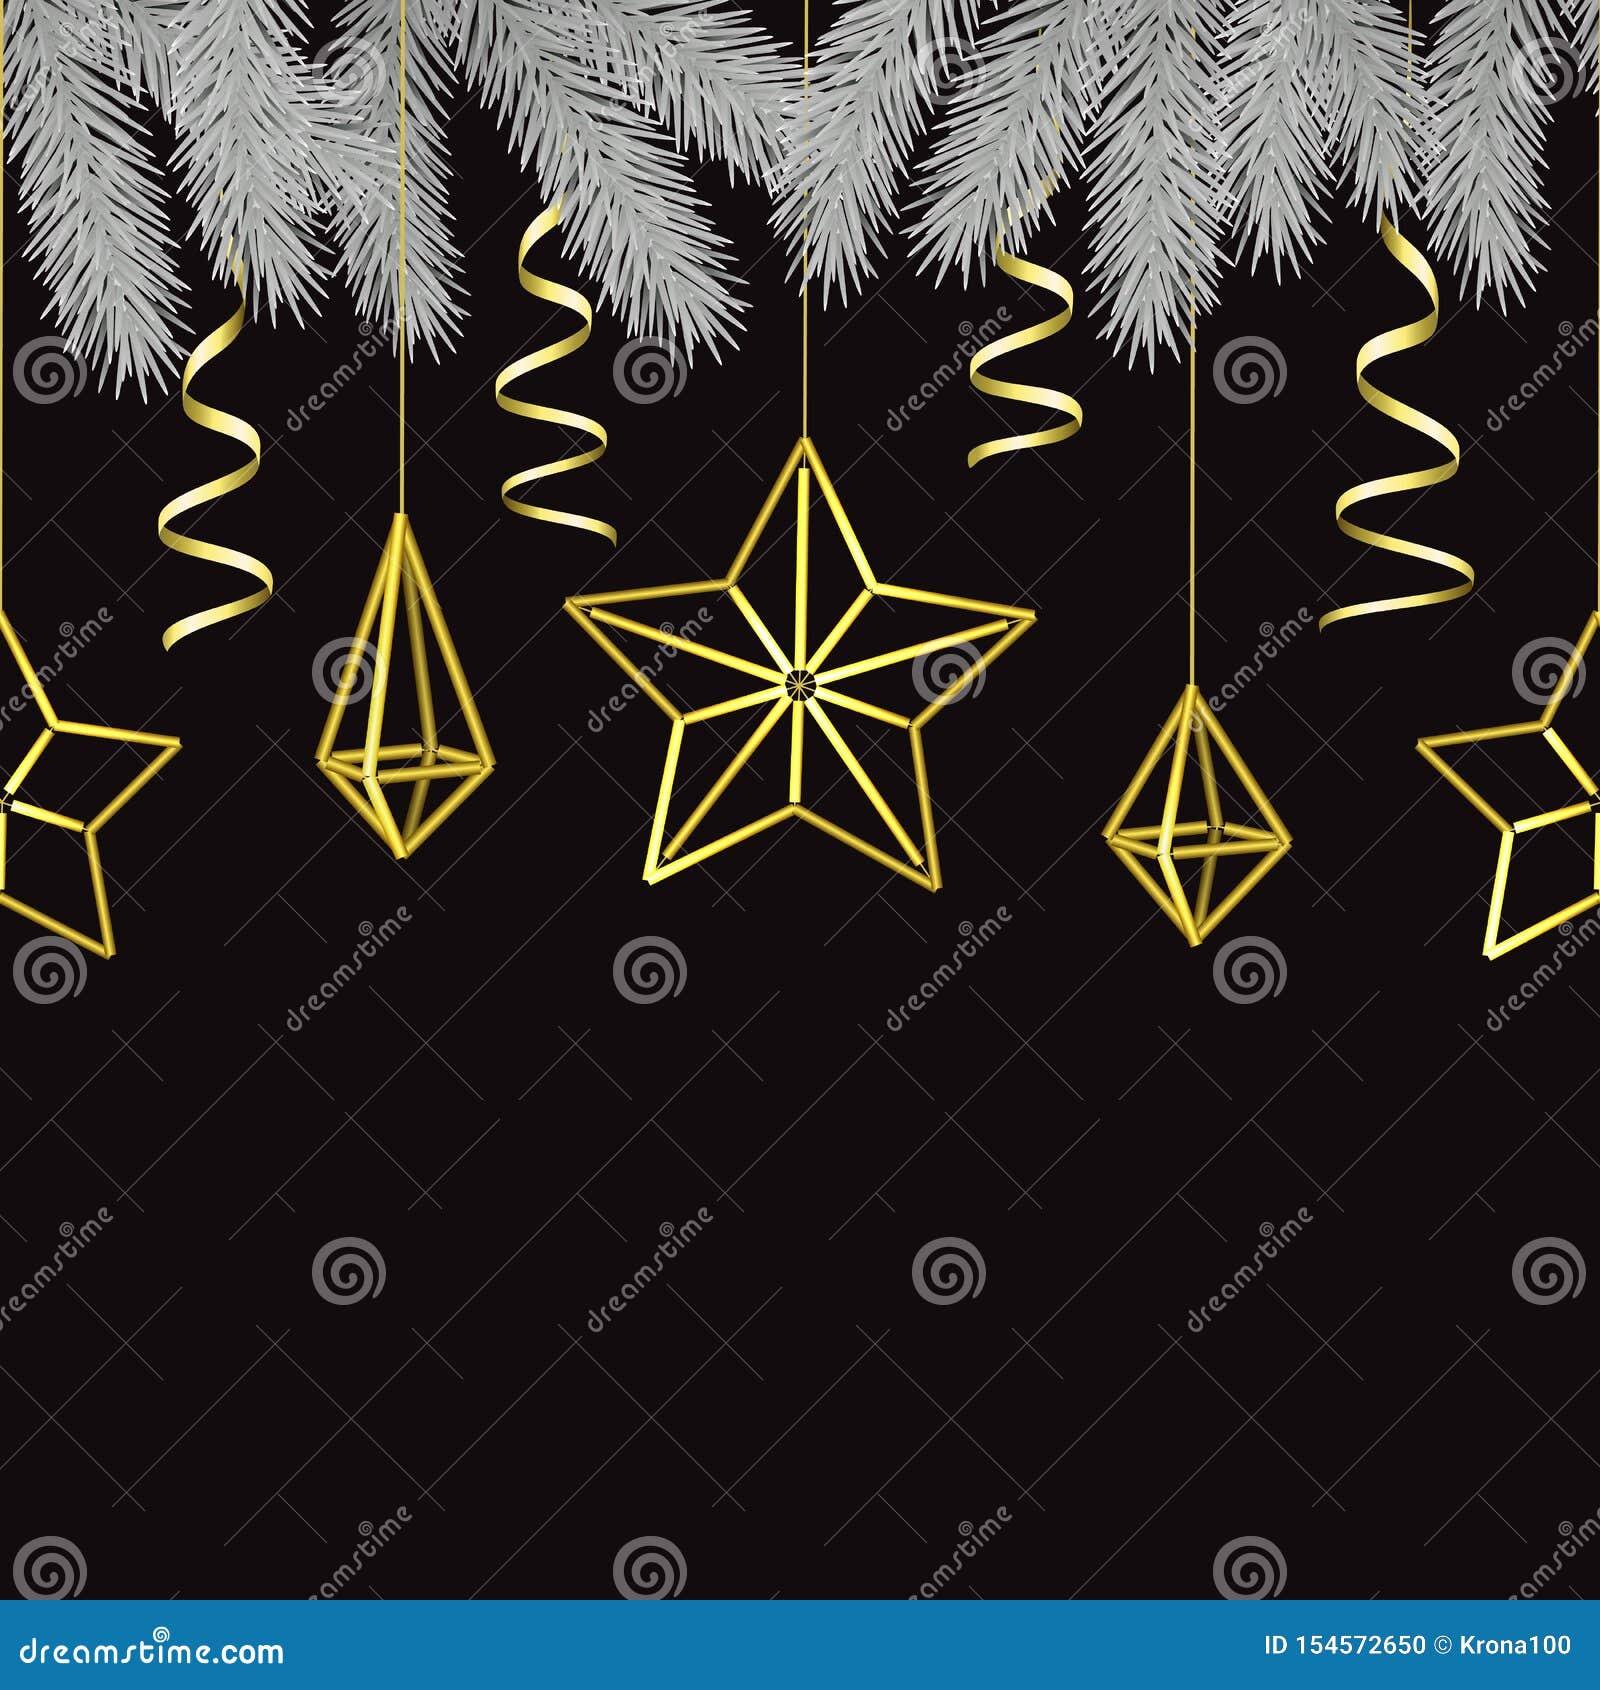 Wesoło boże narodzenia i Szczęśliwego nowego roku Skandynawski Bezszwowy wzór